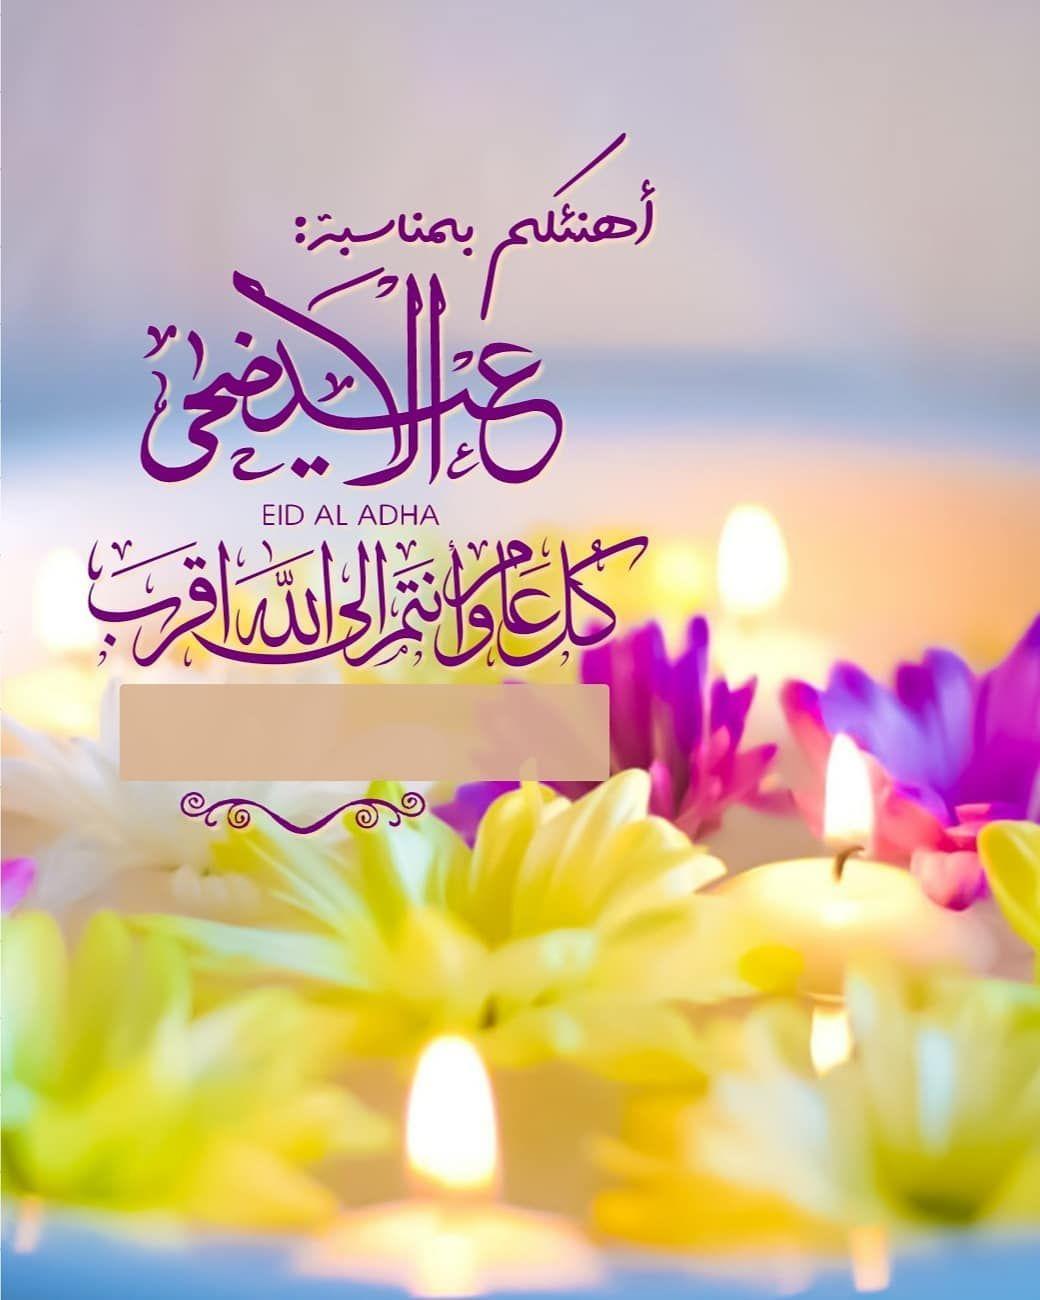 س كر المبارك On Instagram عيدكم مبارك خلفيات رمزيات رمزيات جميله فونتو عرب عرب فوتو جرافيك تصميم Eid Greetings Fireworks Photo Eid Mubarak